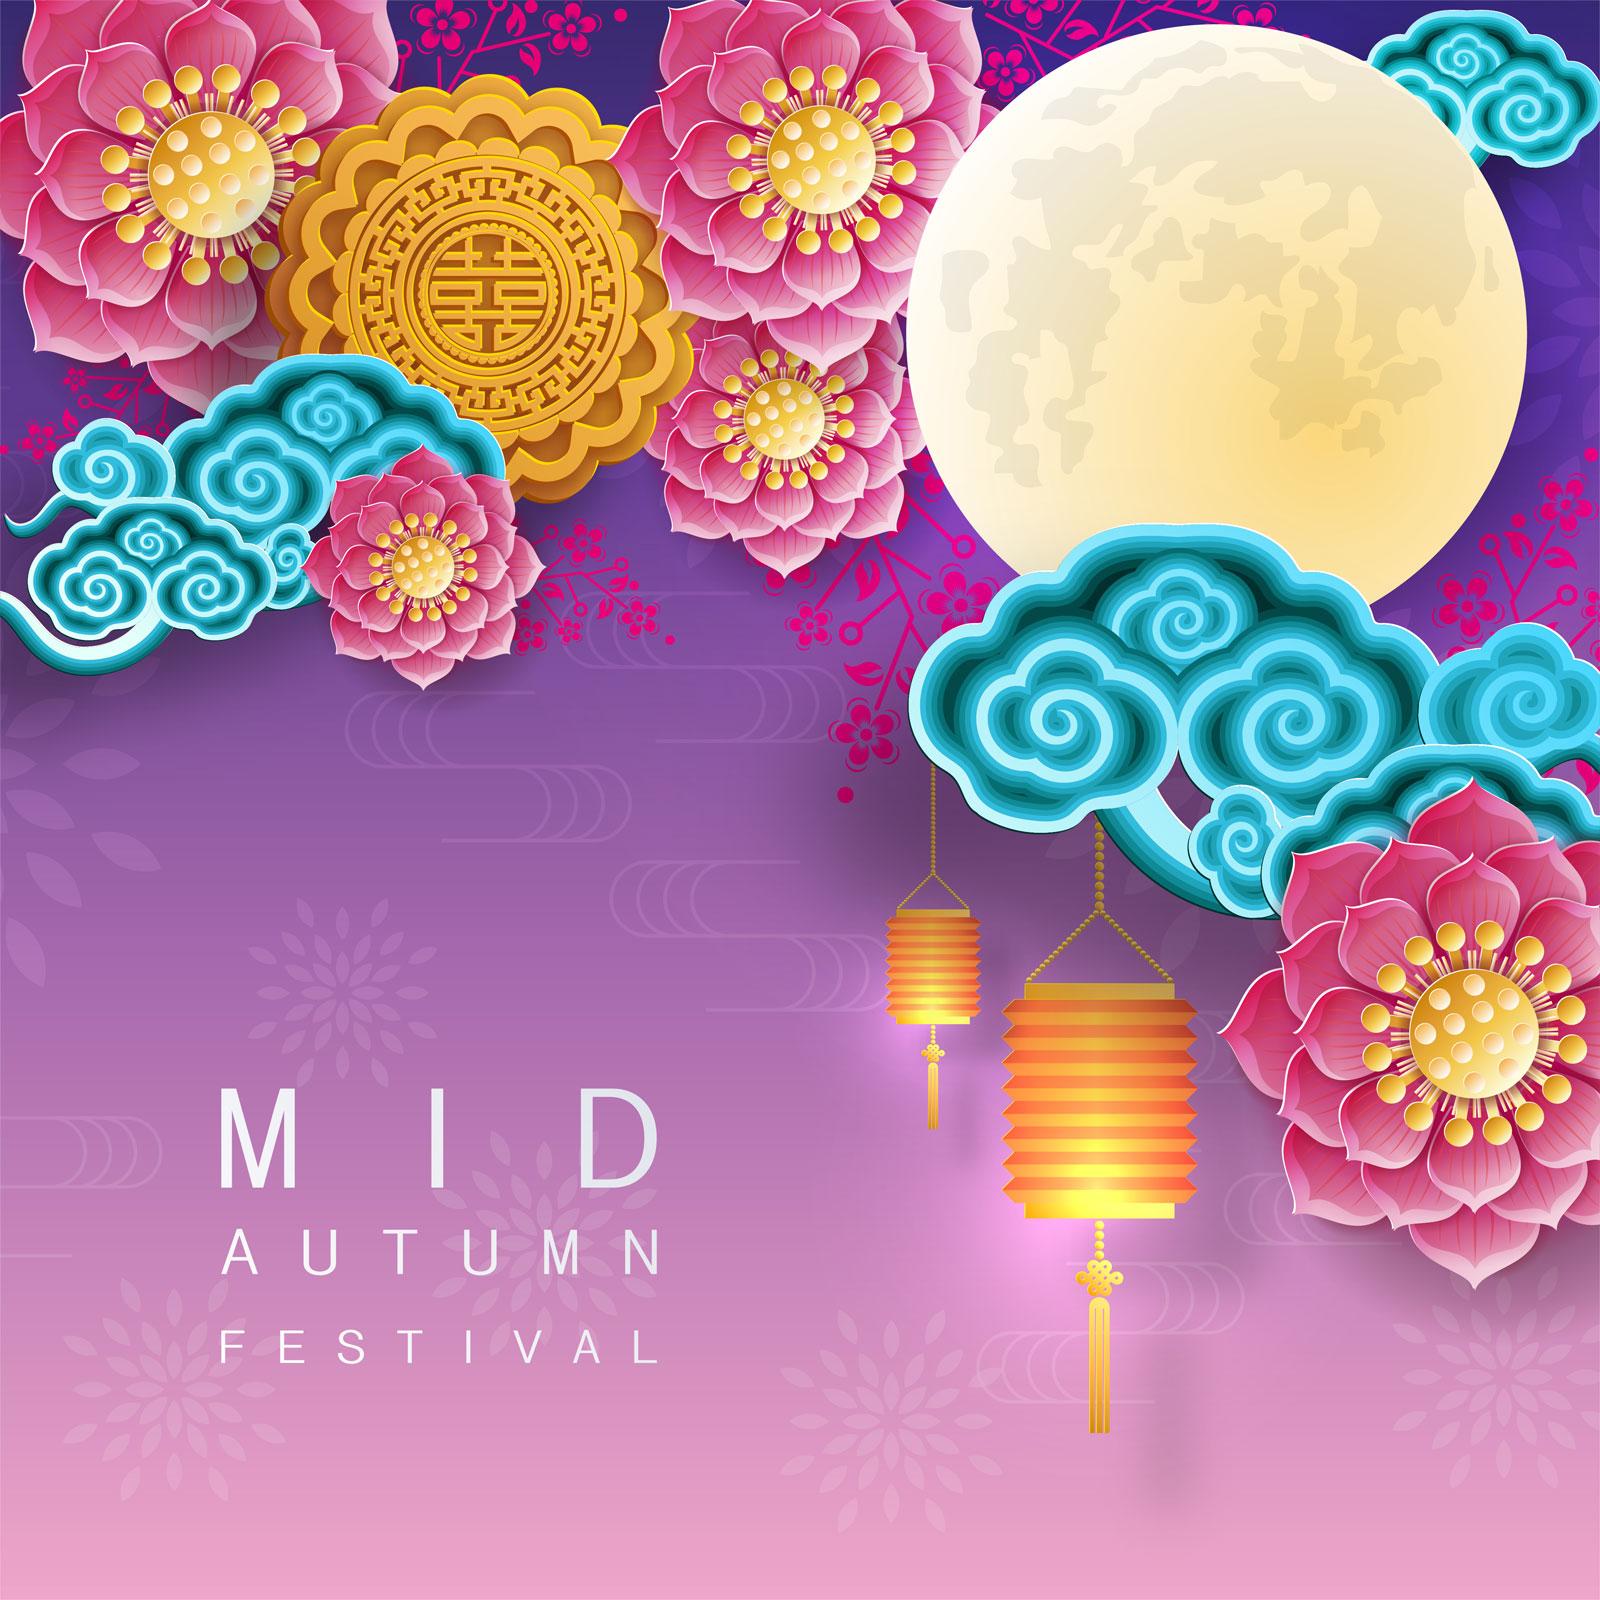 38款中国风中秋节主视觉海报插画AI广告设计素材源文件 Mid Autumn Festival Vector Pattern插图(26)